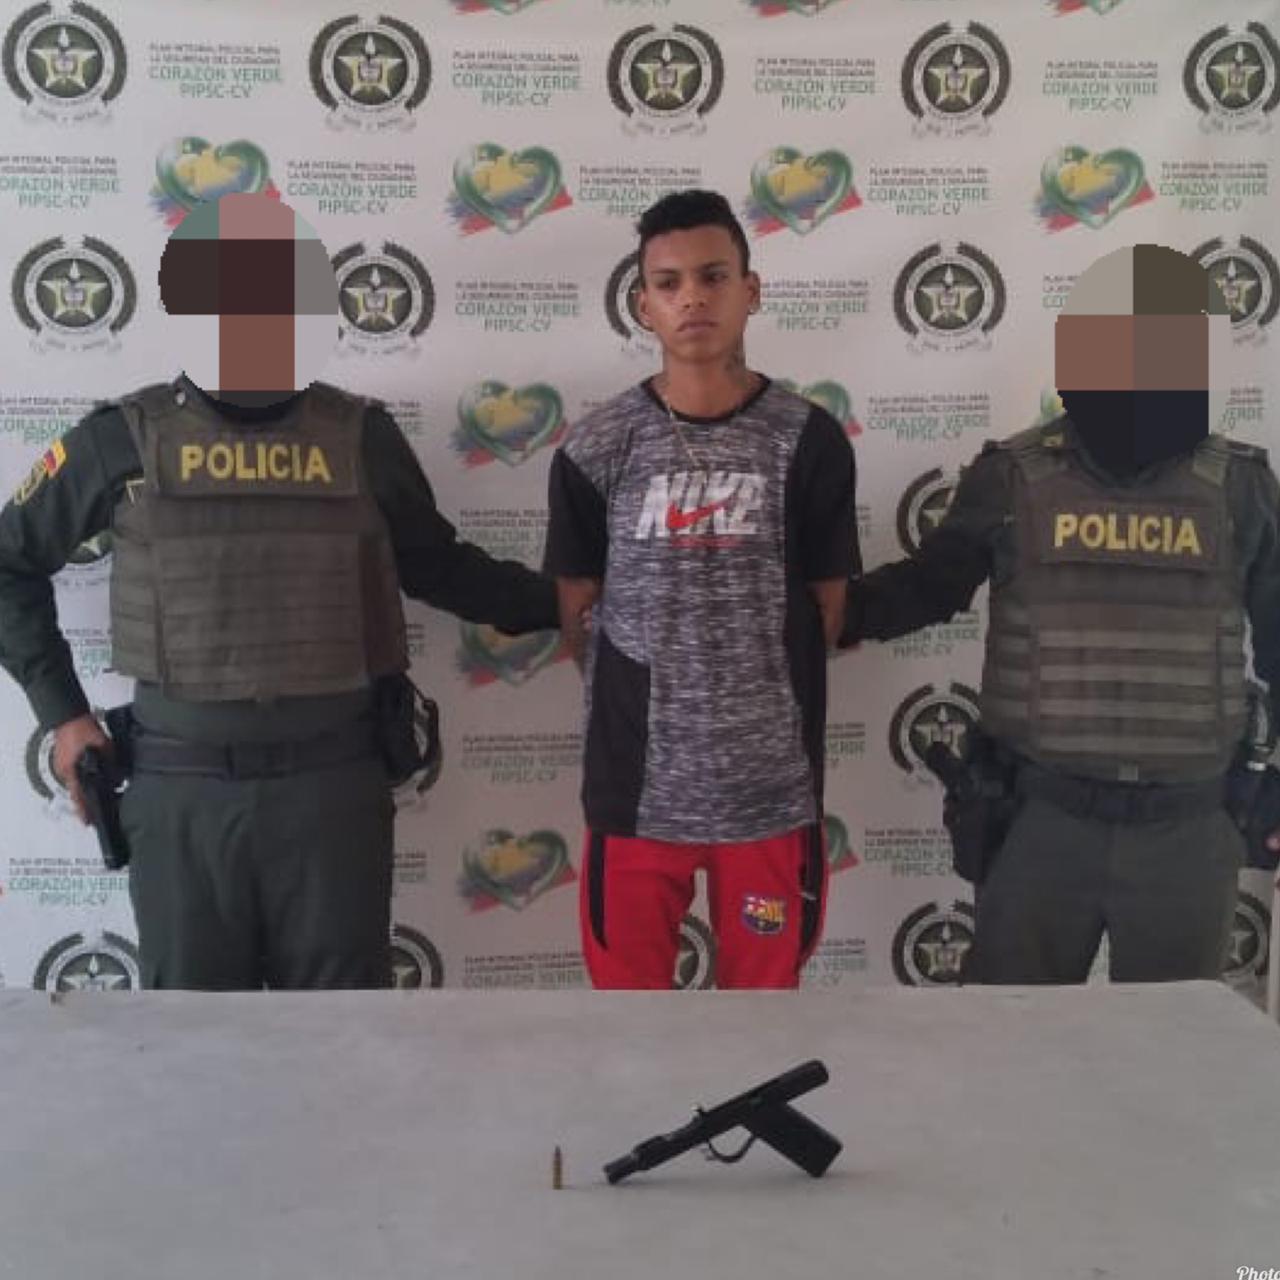 Policía de Barranquilla captura a 3 personas por fabricación y porte ilegal de armas